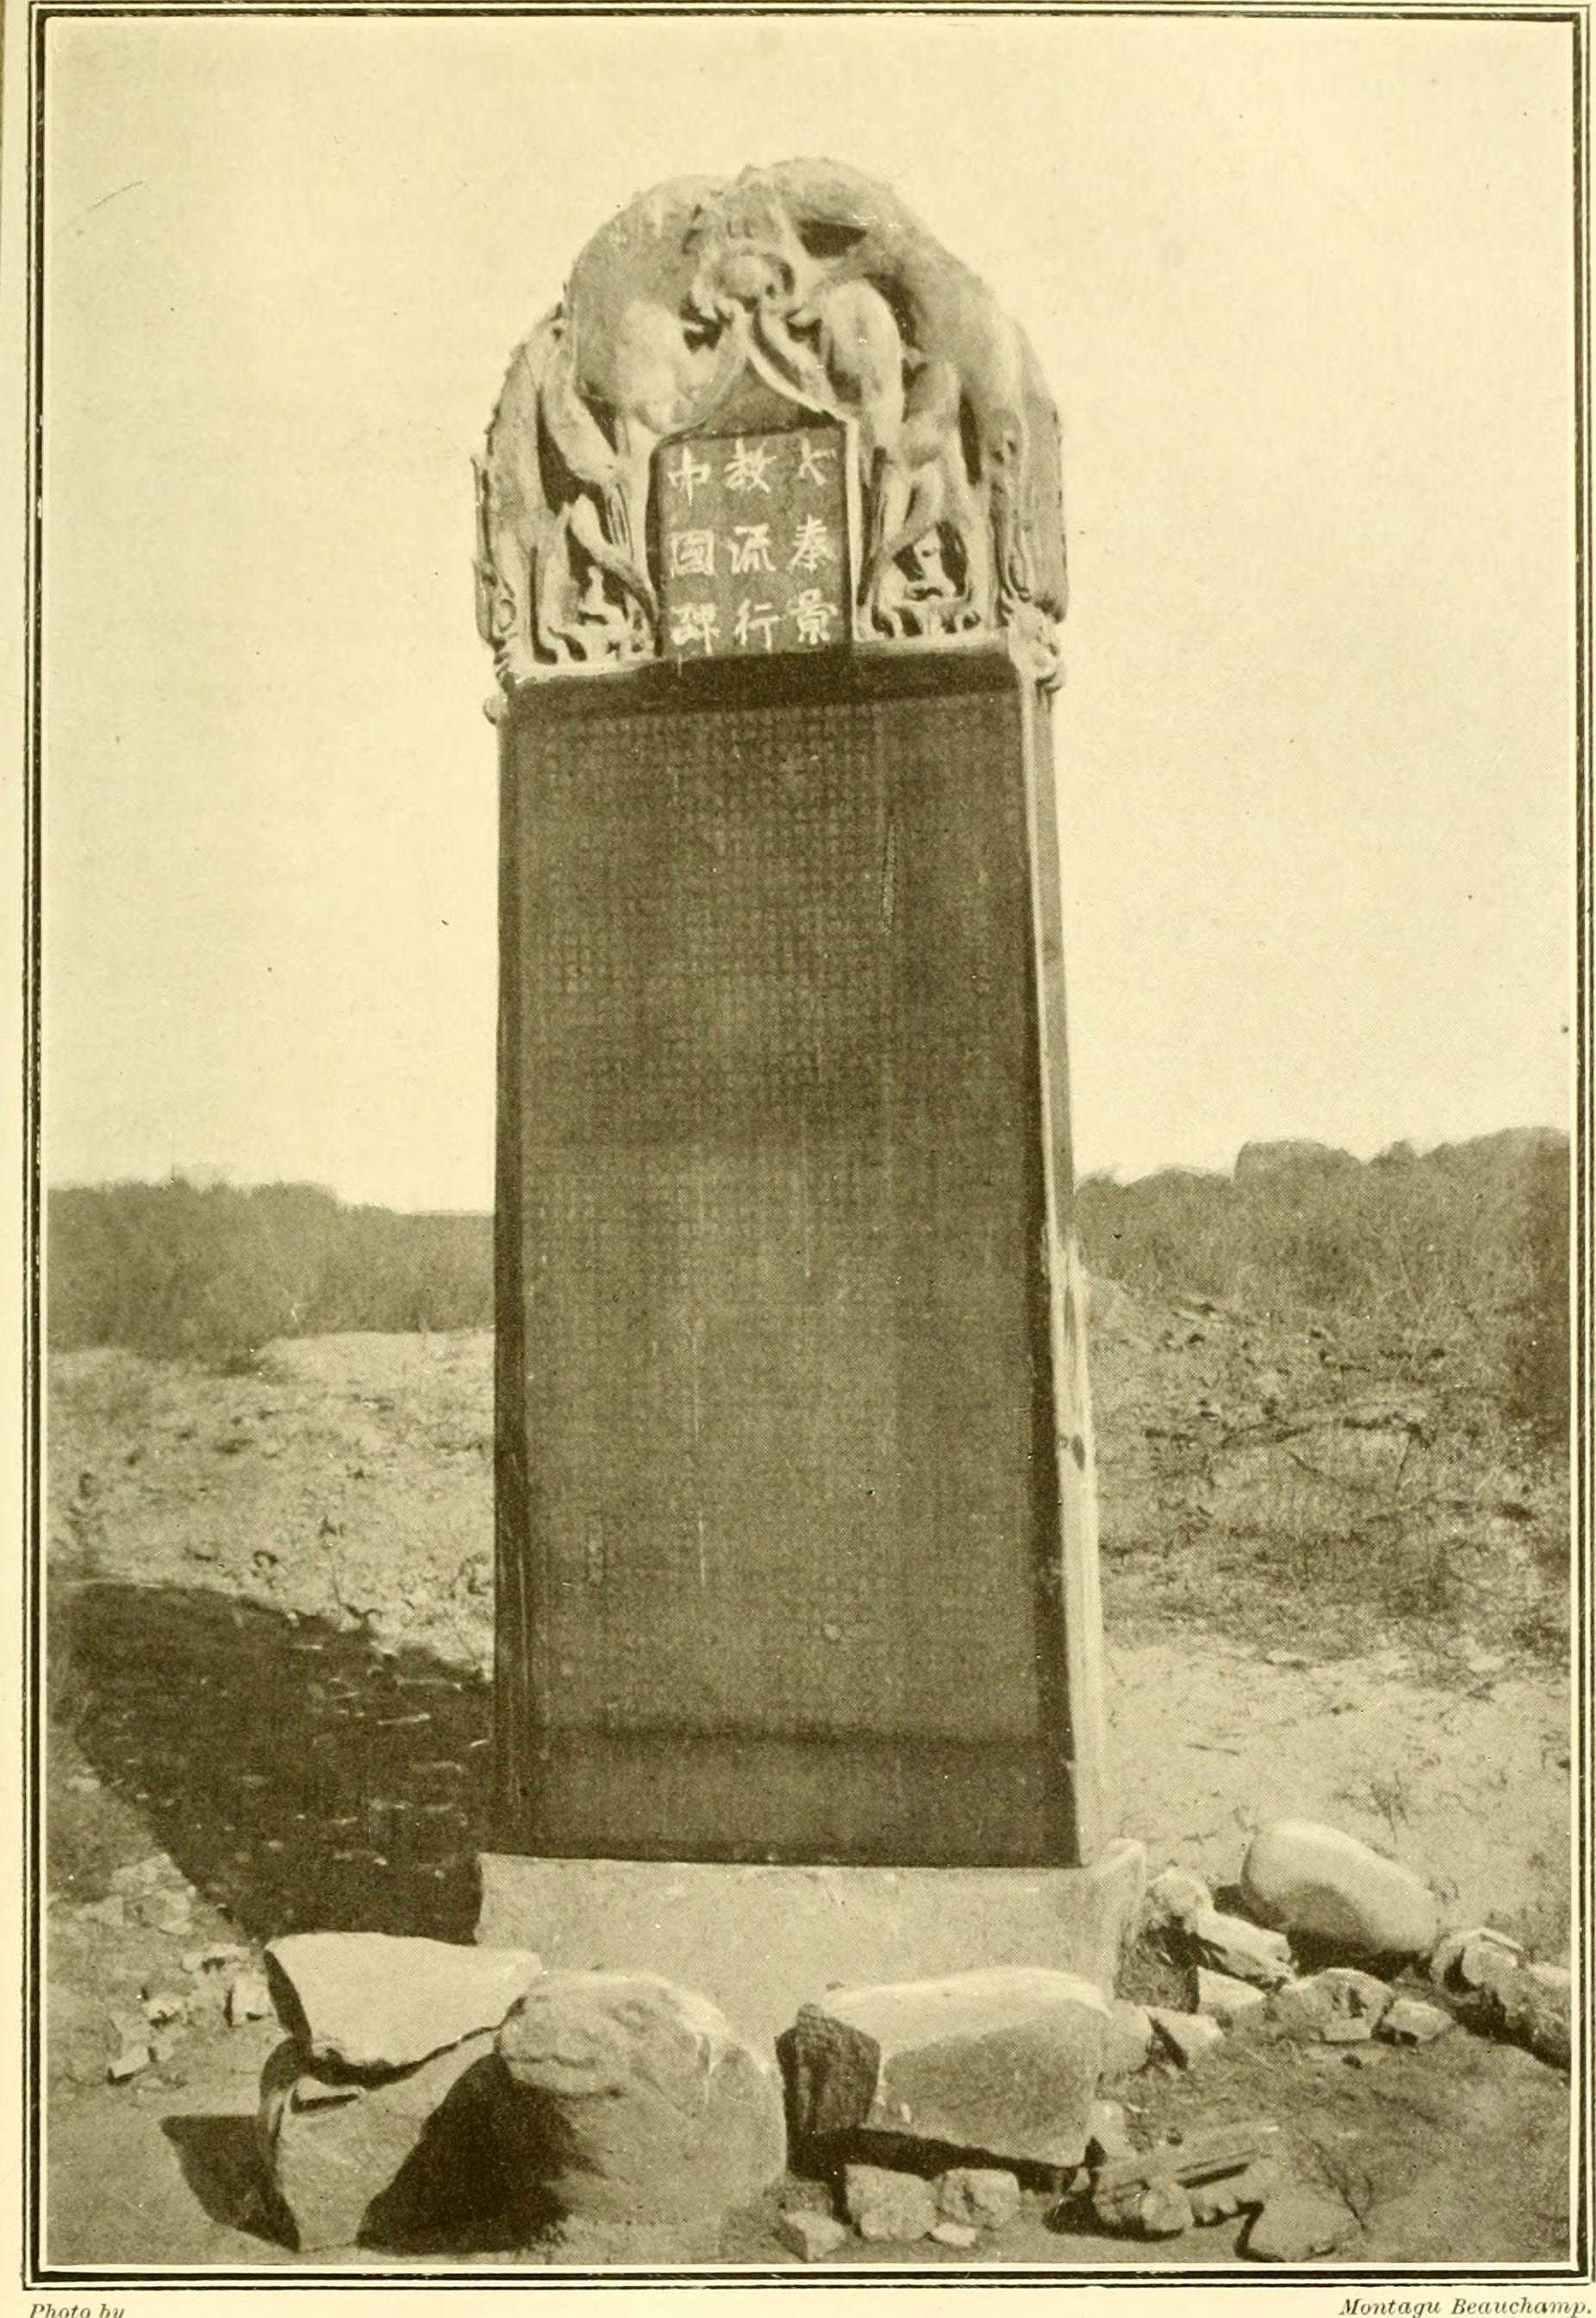 Nestorian stone